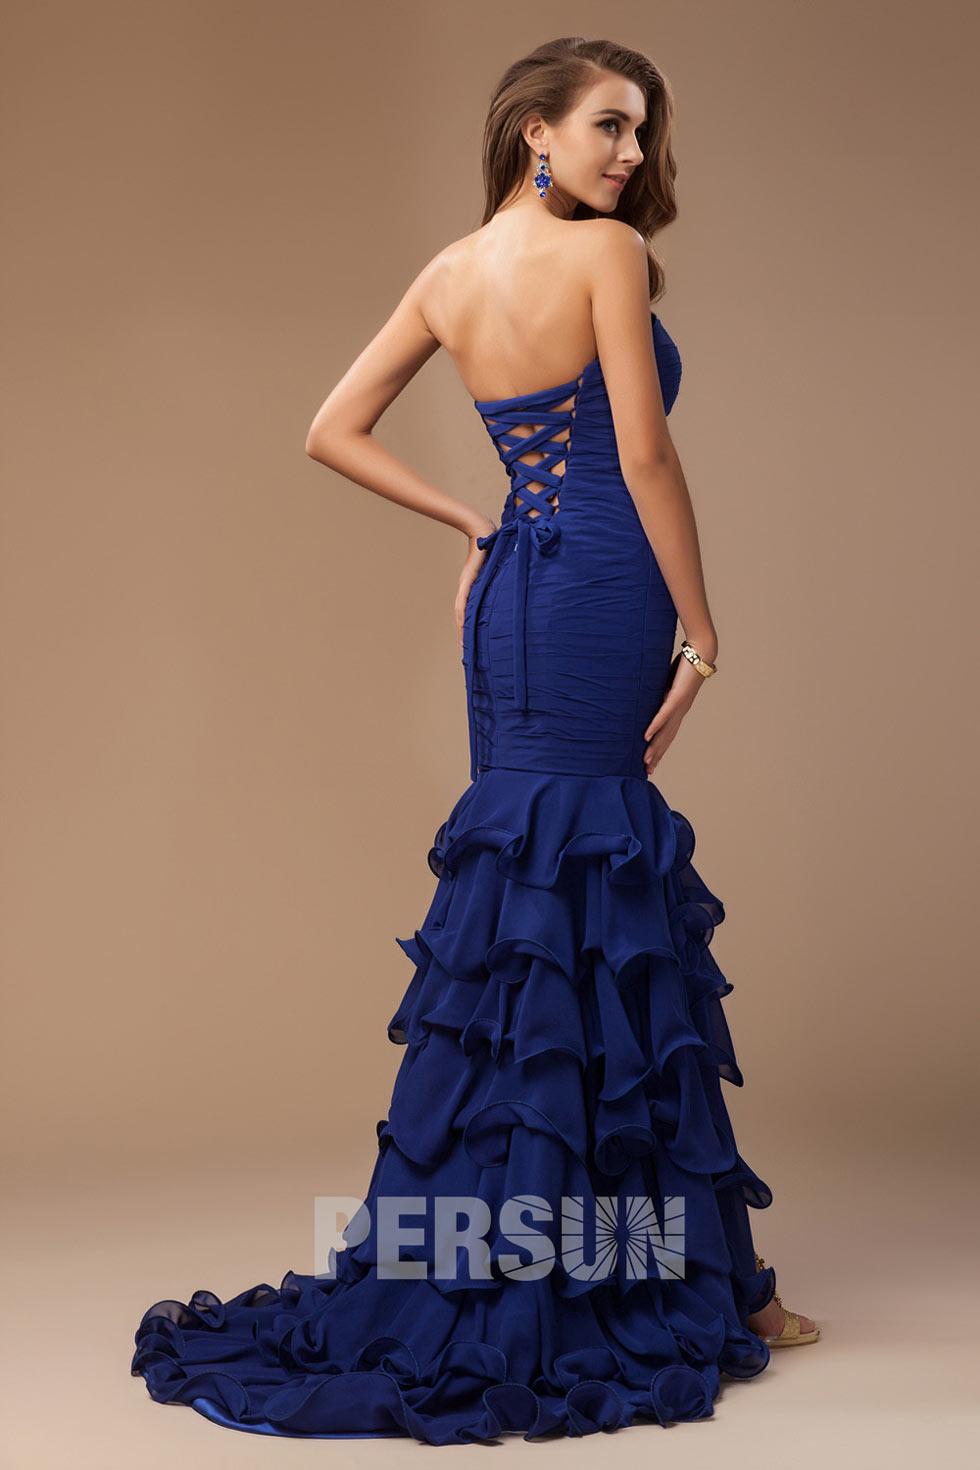 robe sirène pour marquer la silhouette étincelante